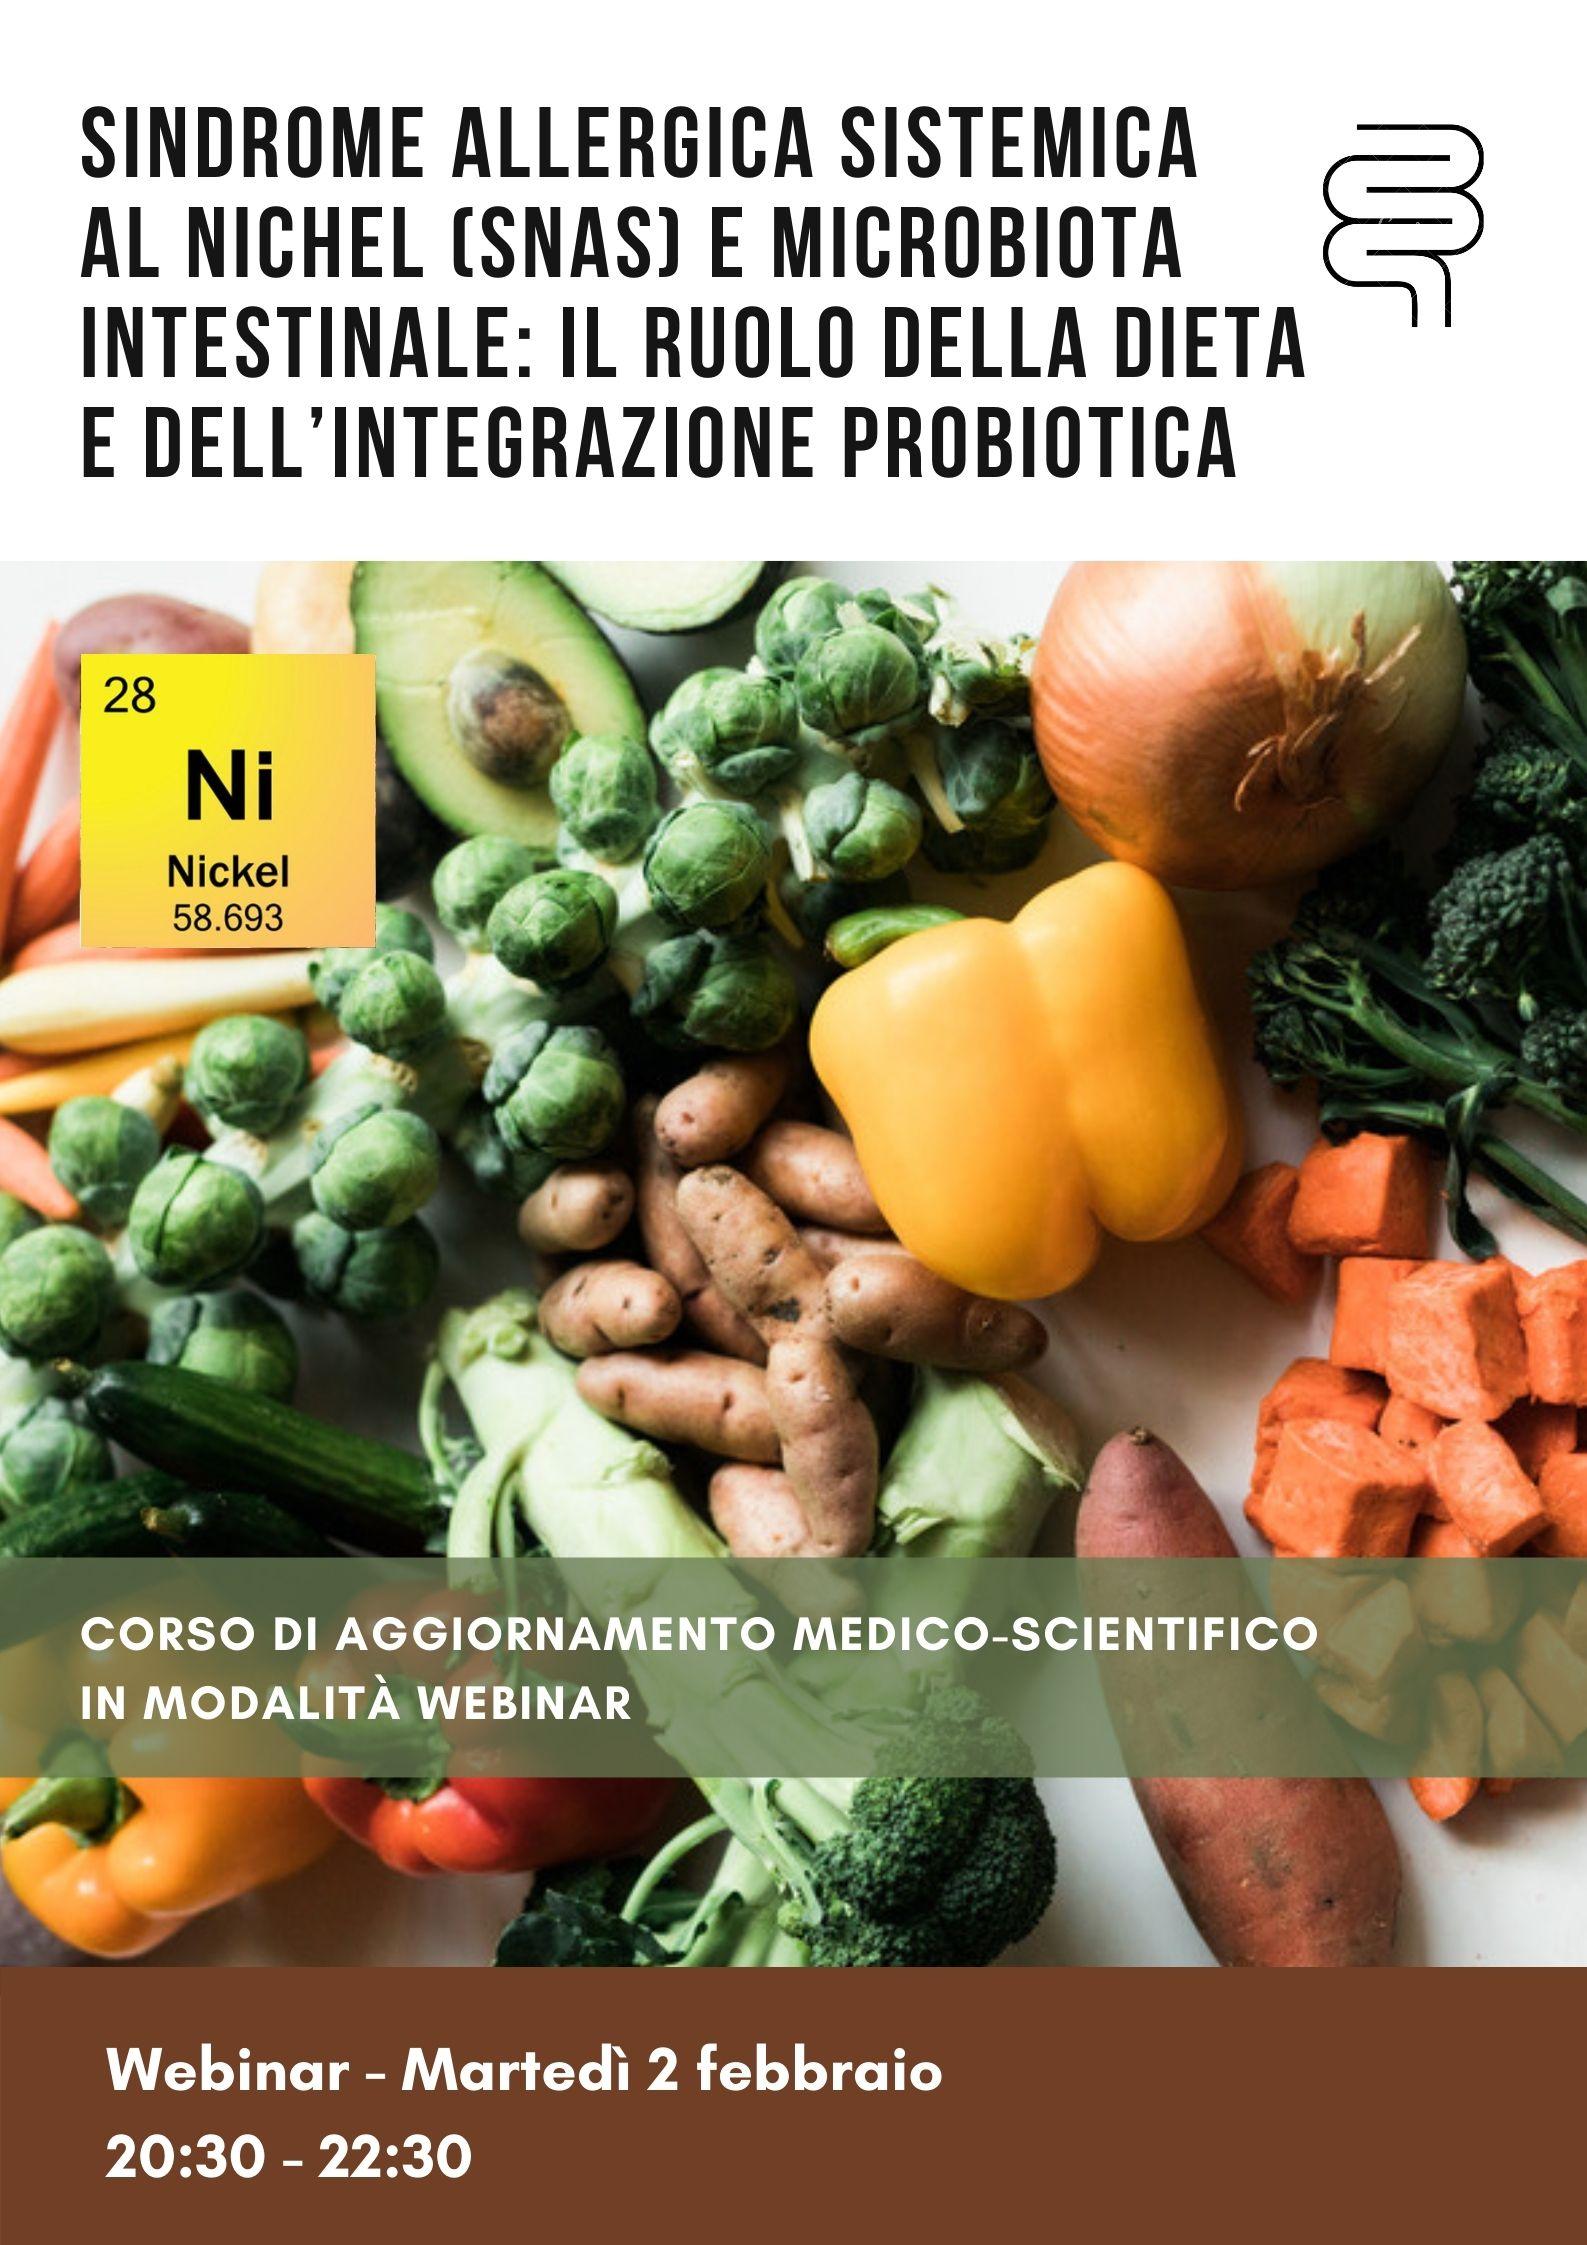 Sindrome allergica sistemica al Nichel (SNAS) e microbiota intestinale: il ruolo della dieta e dell'integrazione probiotica